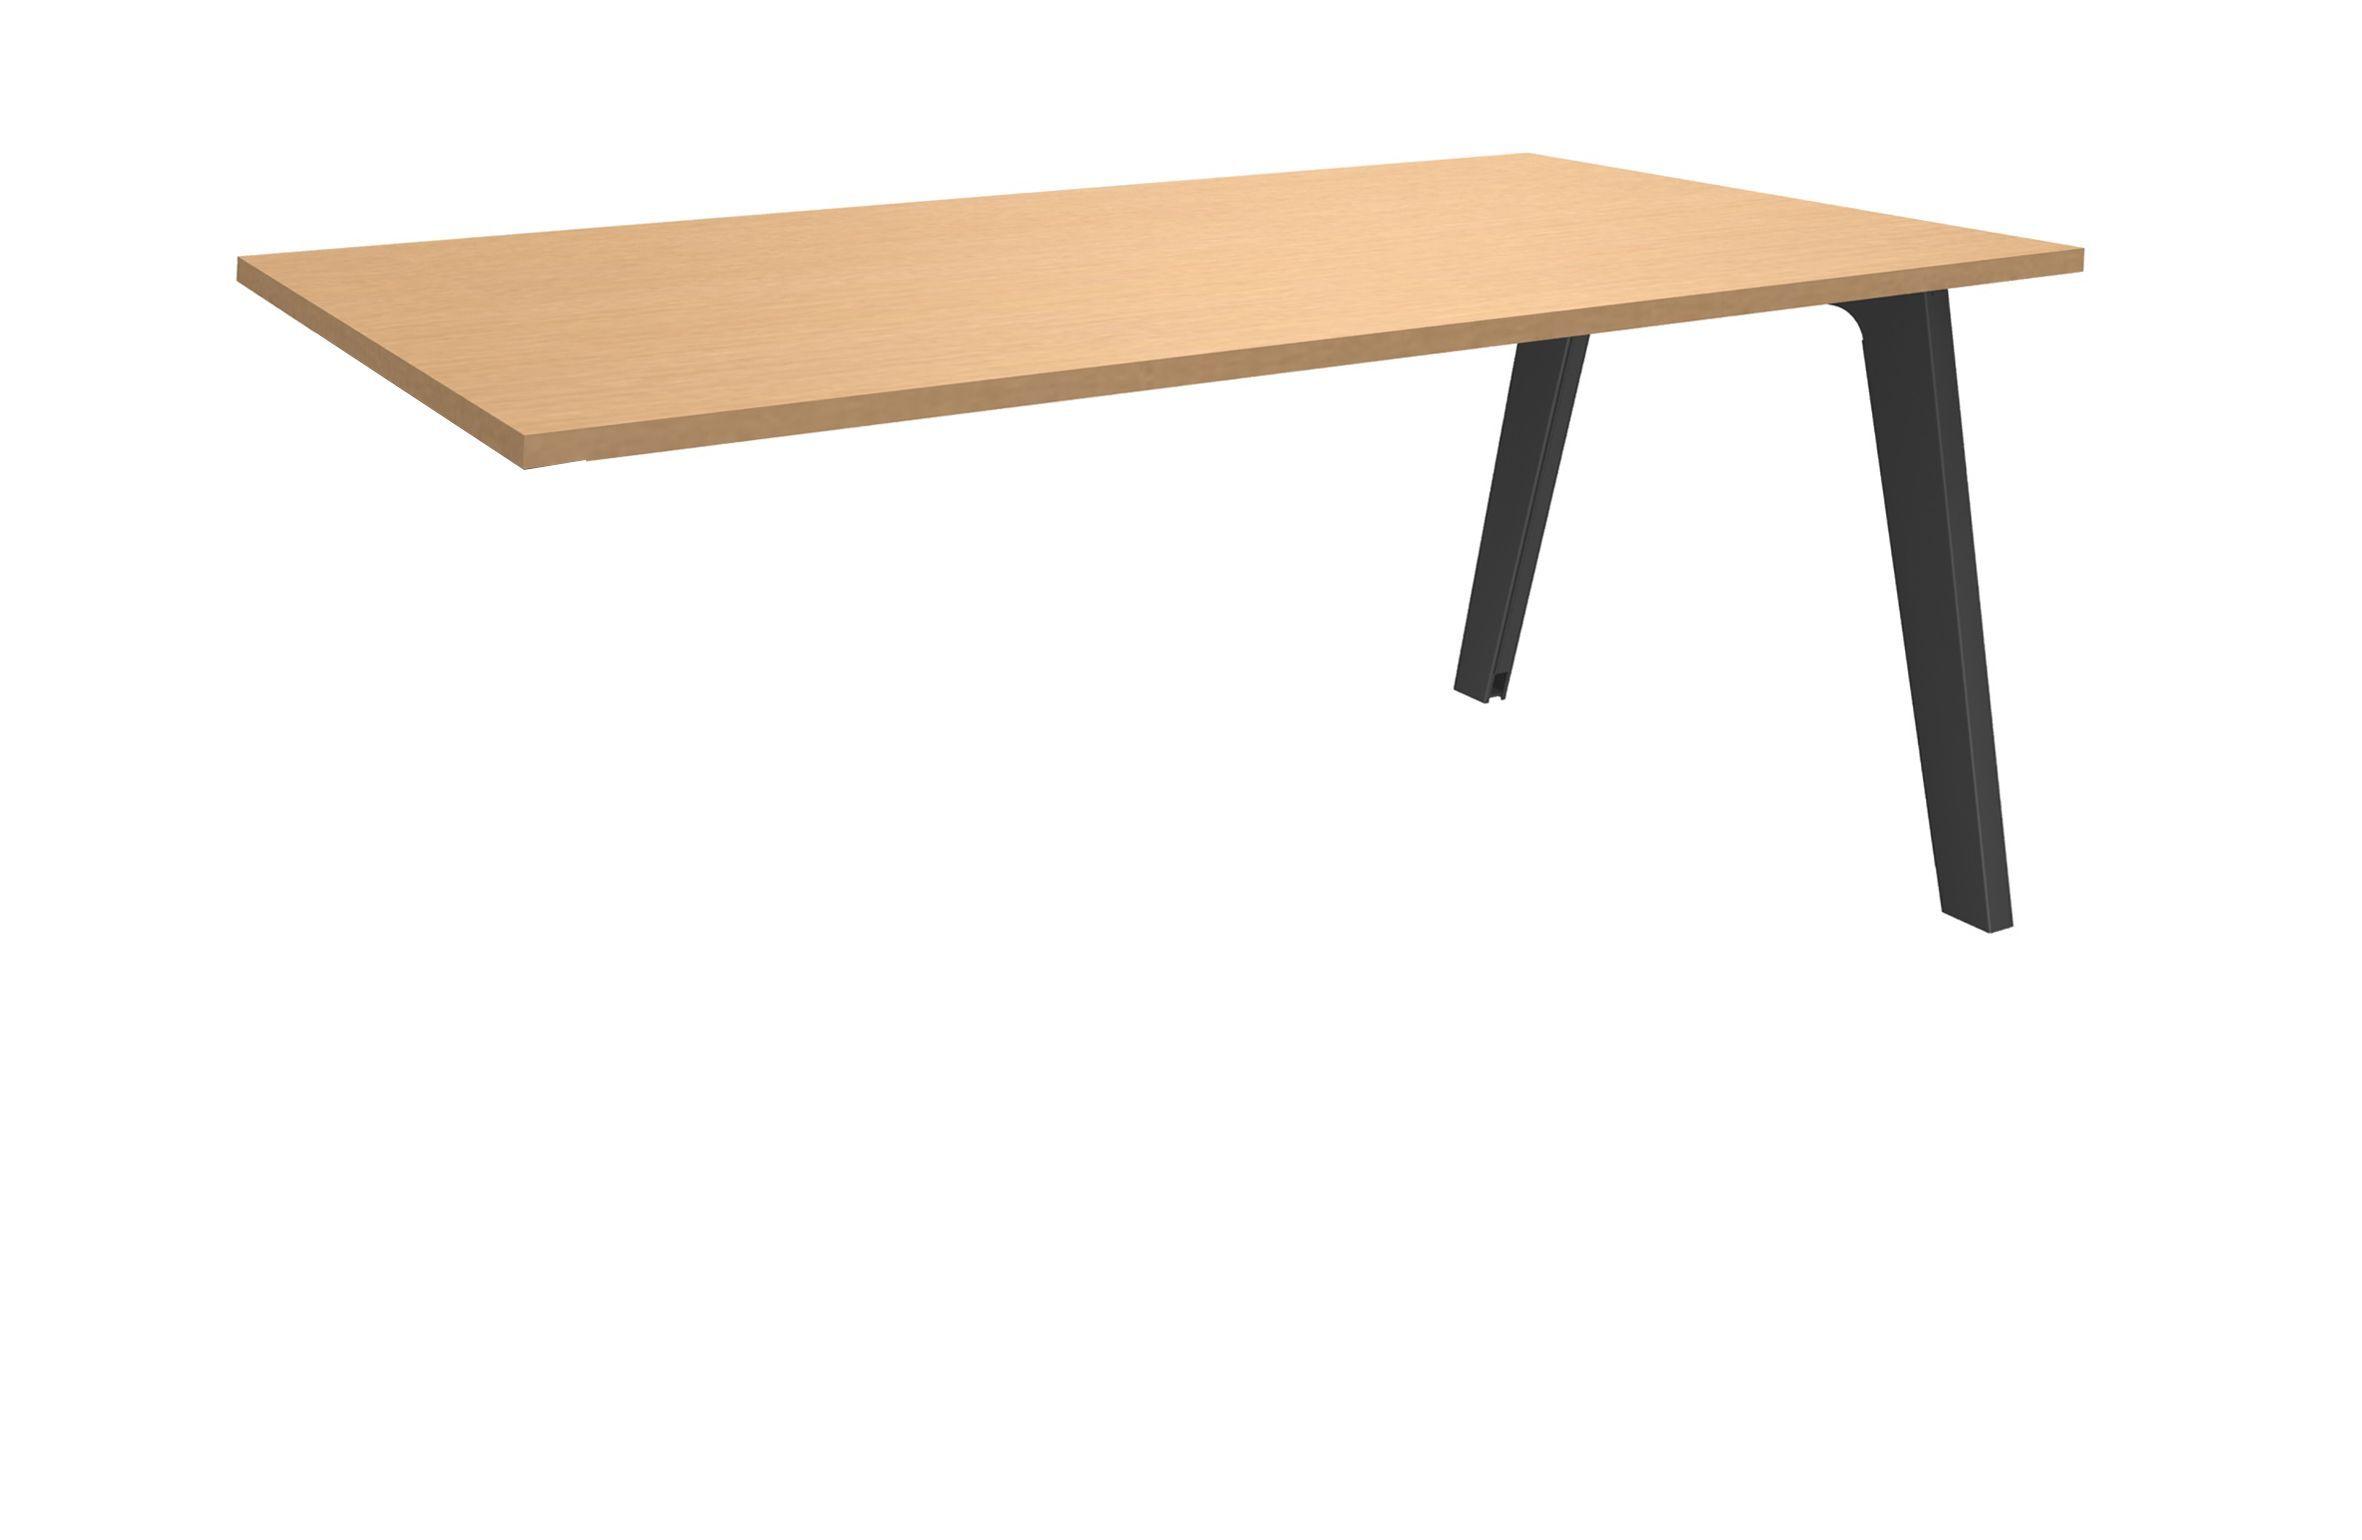 Bureau simple STEELY - L140 cm - Plan suivant - Pieds carbone - plateau imitation Hêtre